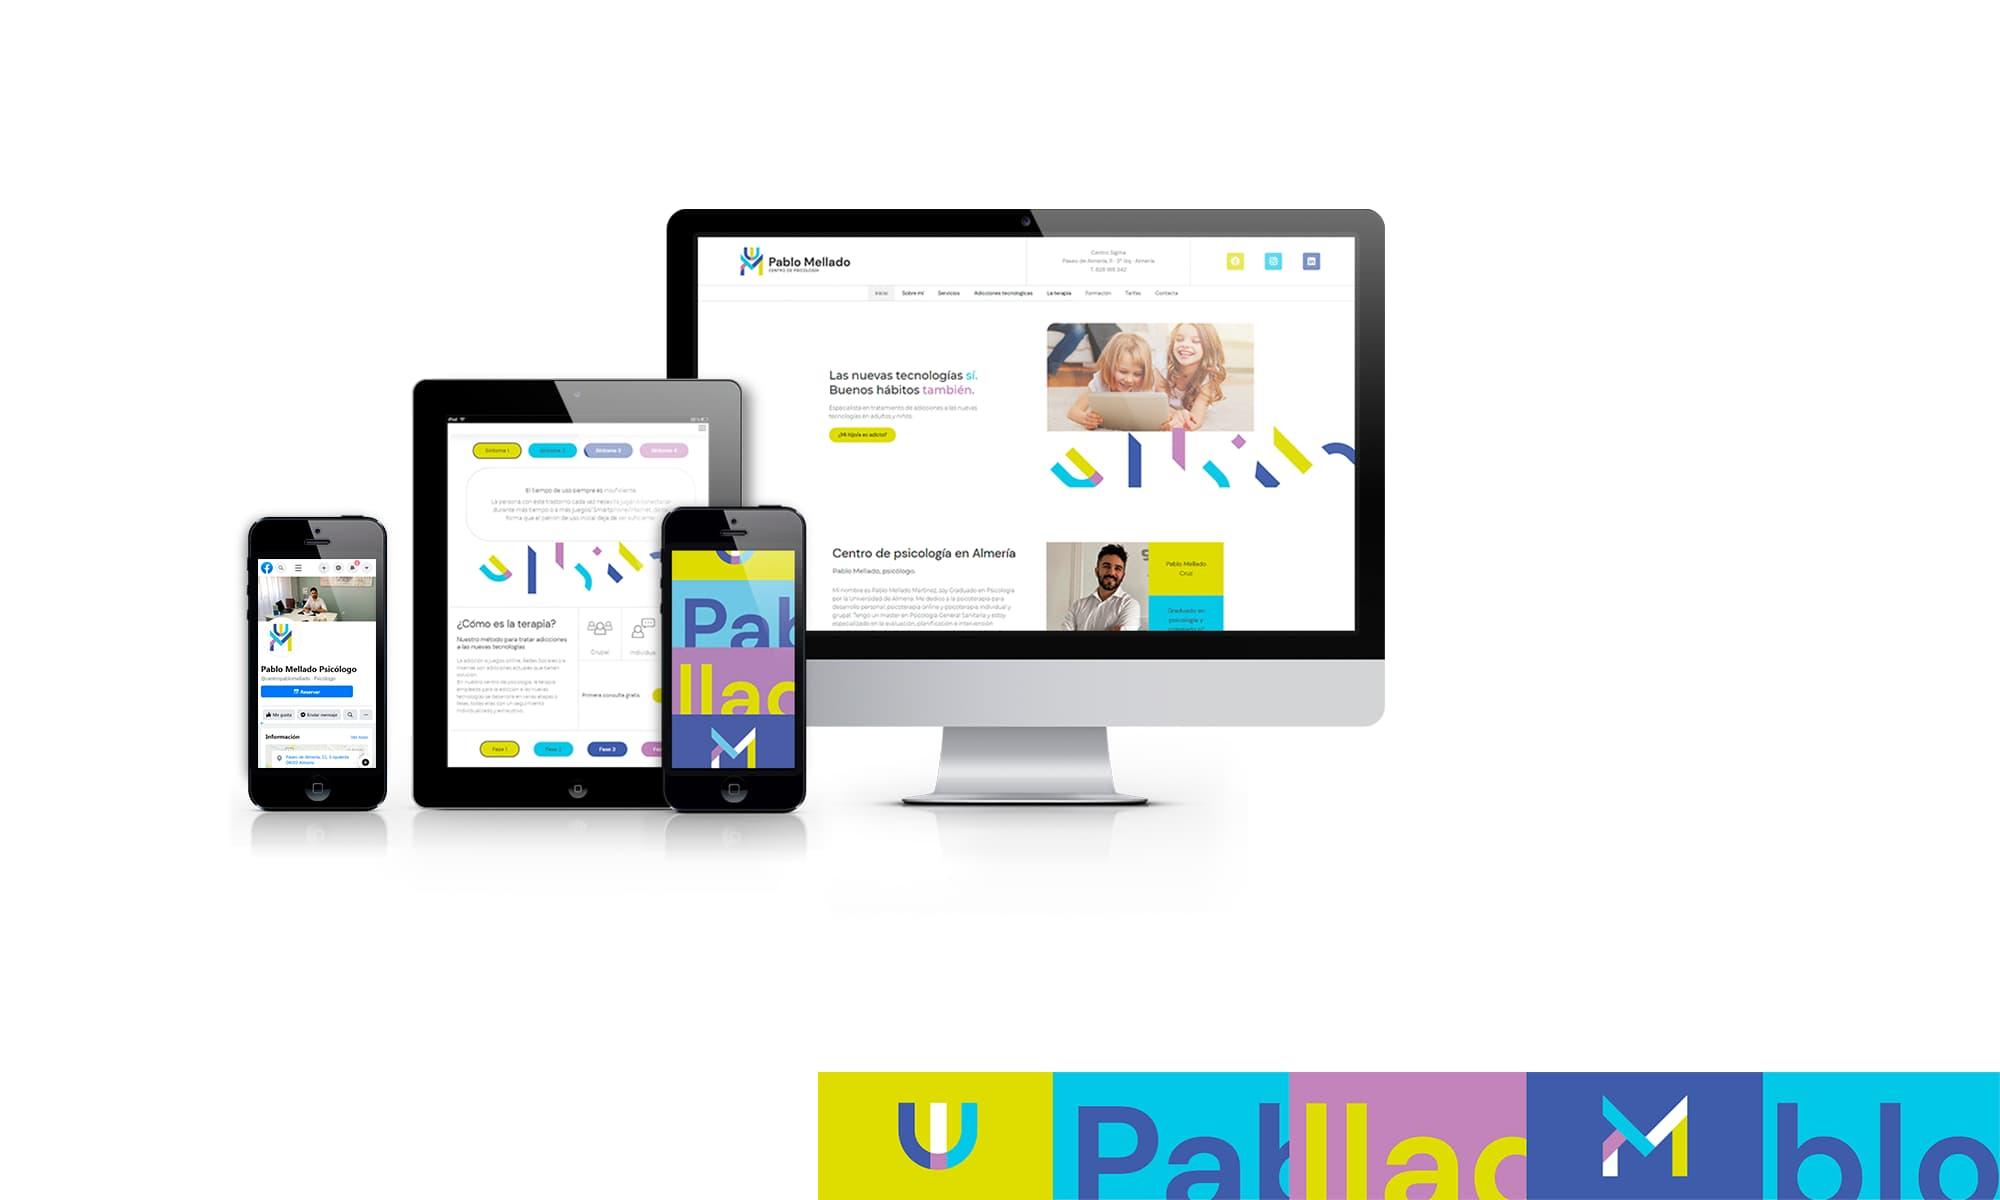 Pablo Mellado 2 - Fama Publicidad